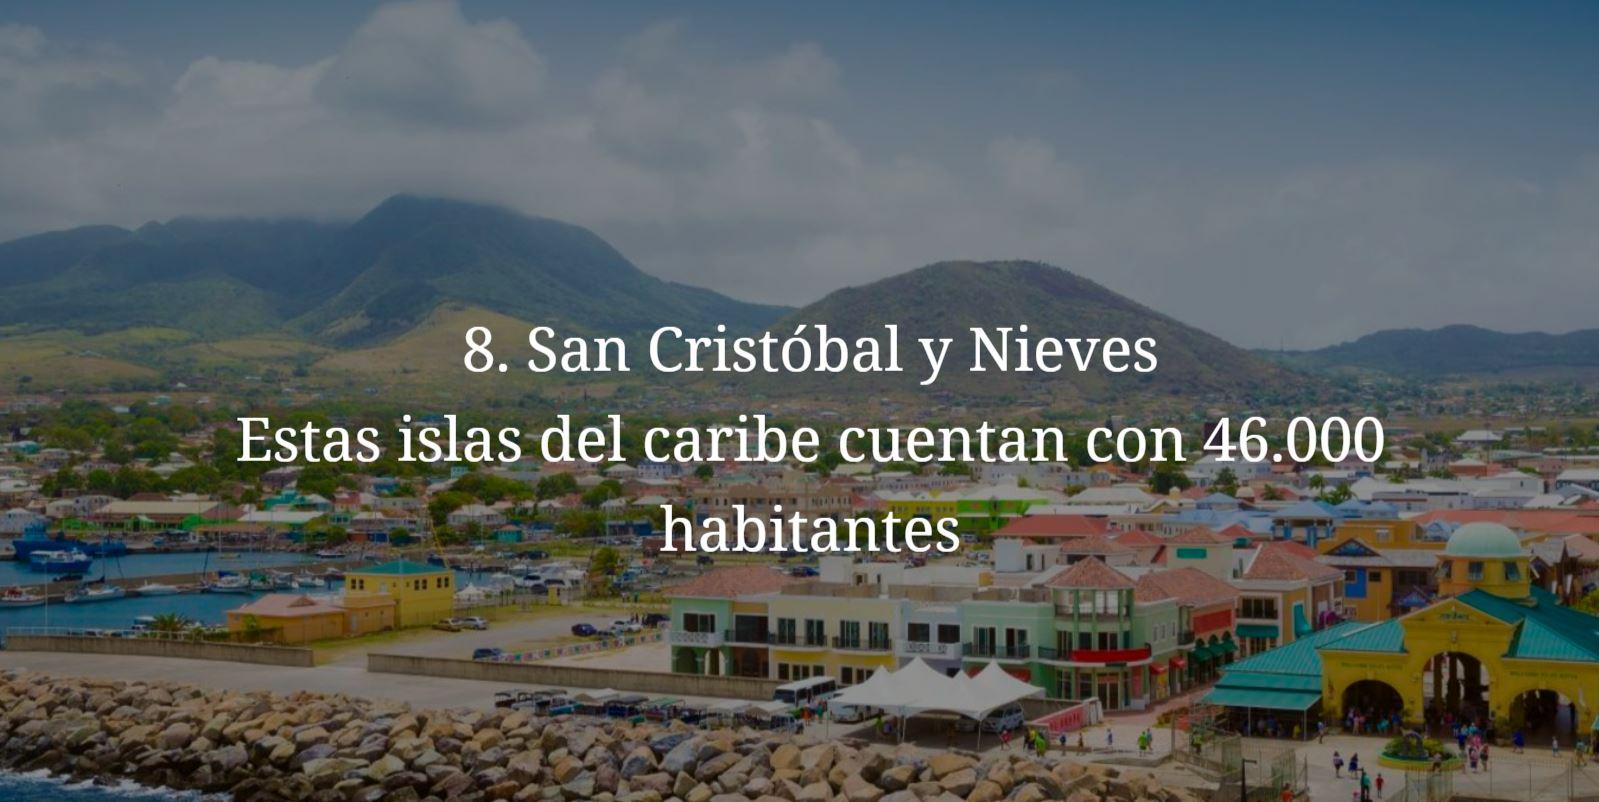 San Cristobal y Nieves, paises mas pequeños y menos habitados del mundo